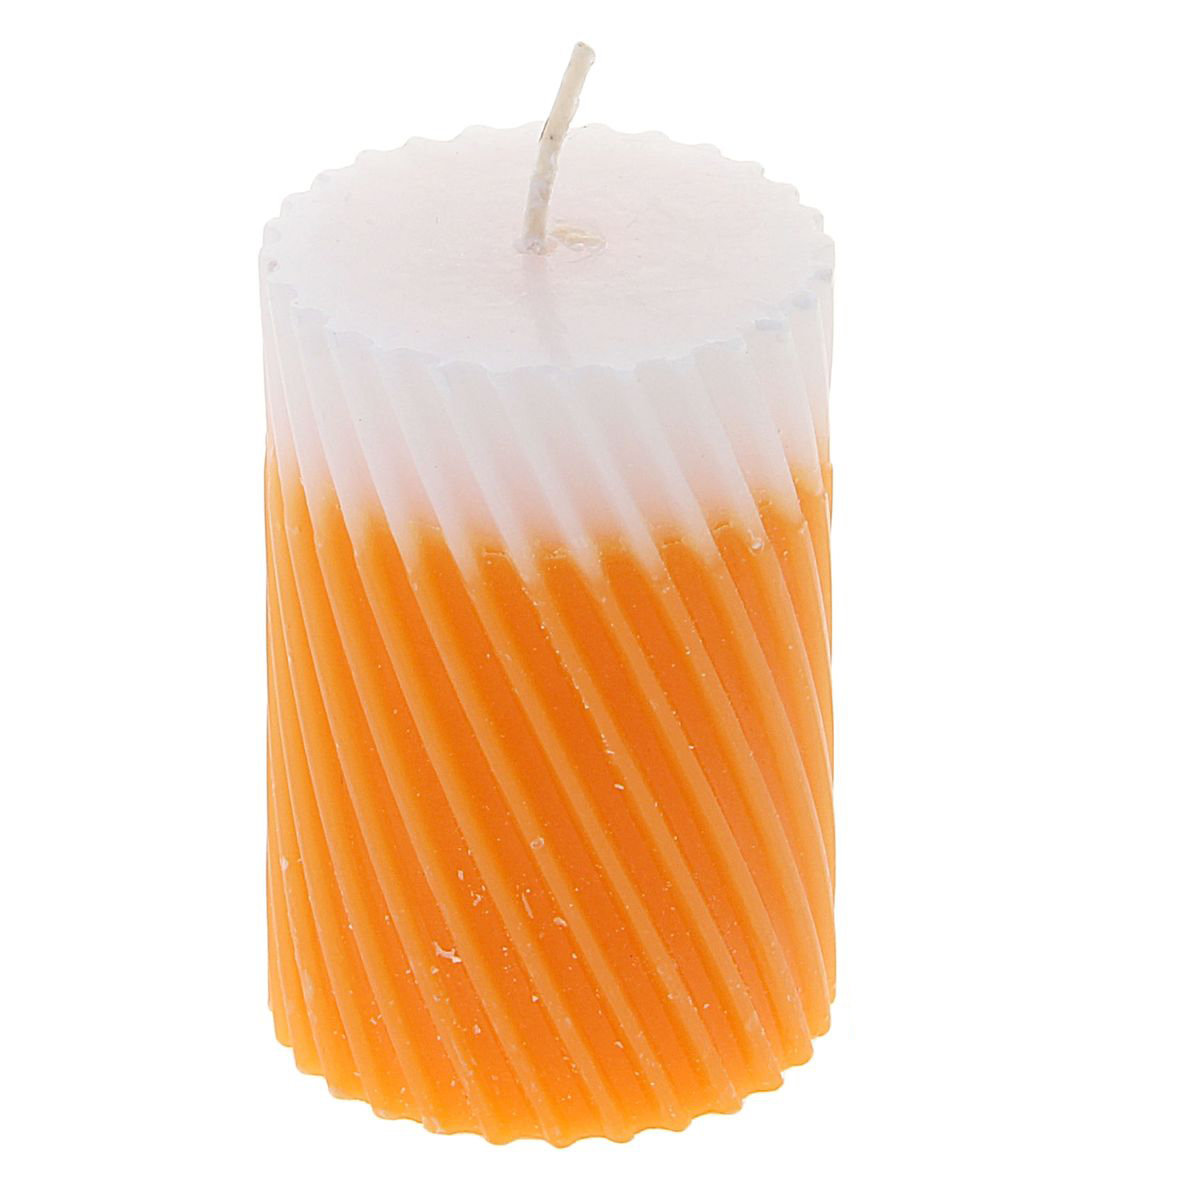 Свеча ароматизированная Sima-land Апельсин, высота 7,5 см. 849533 свеча ароматизированная sima land шиповник высота 7 5 см 907667